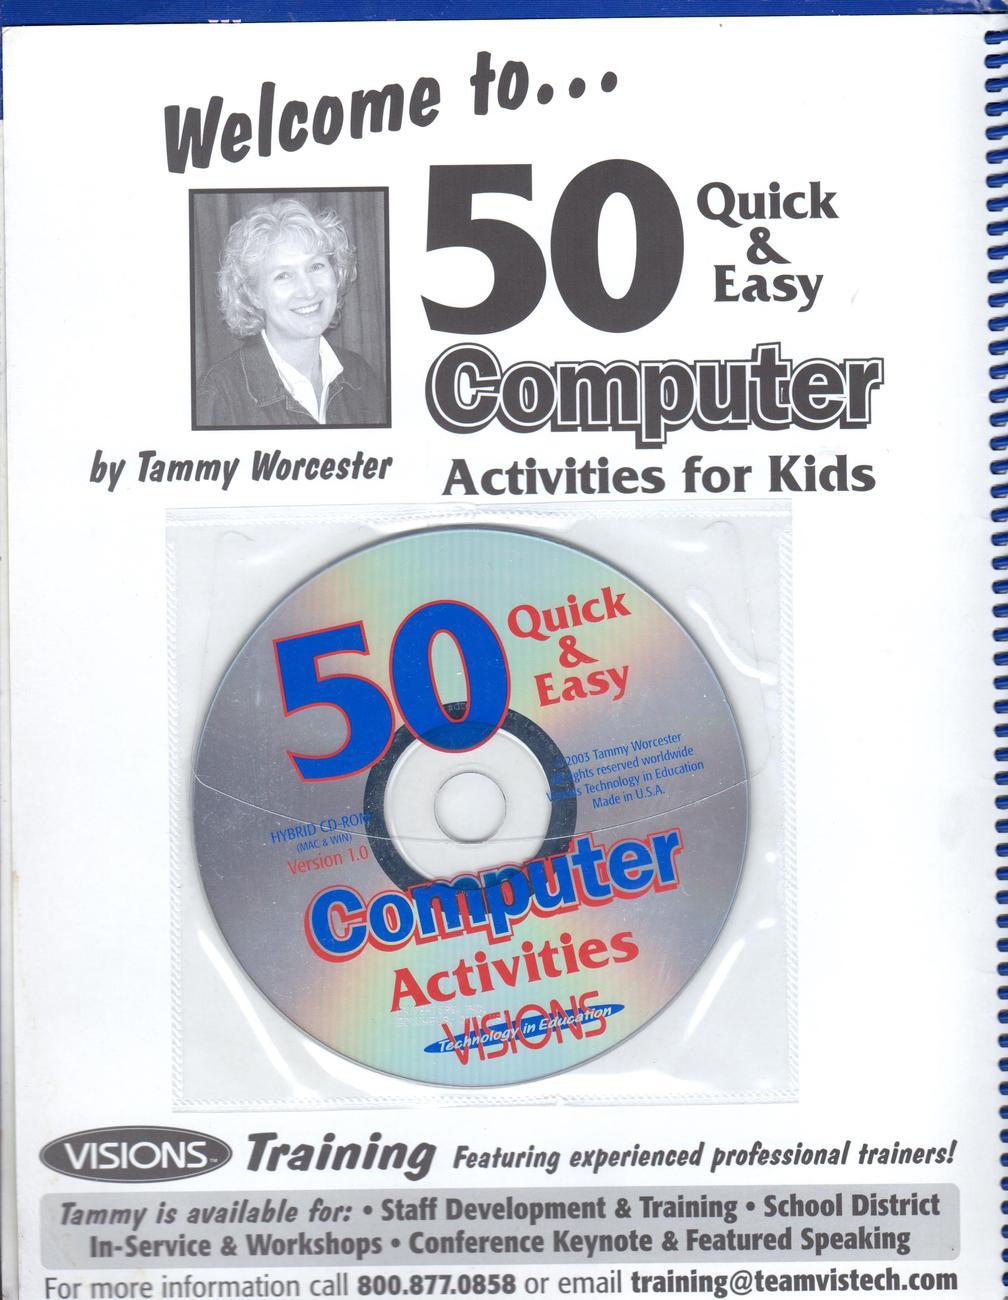 50 Quick & Easy Computer Activities for Kids